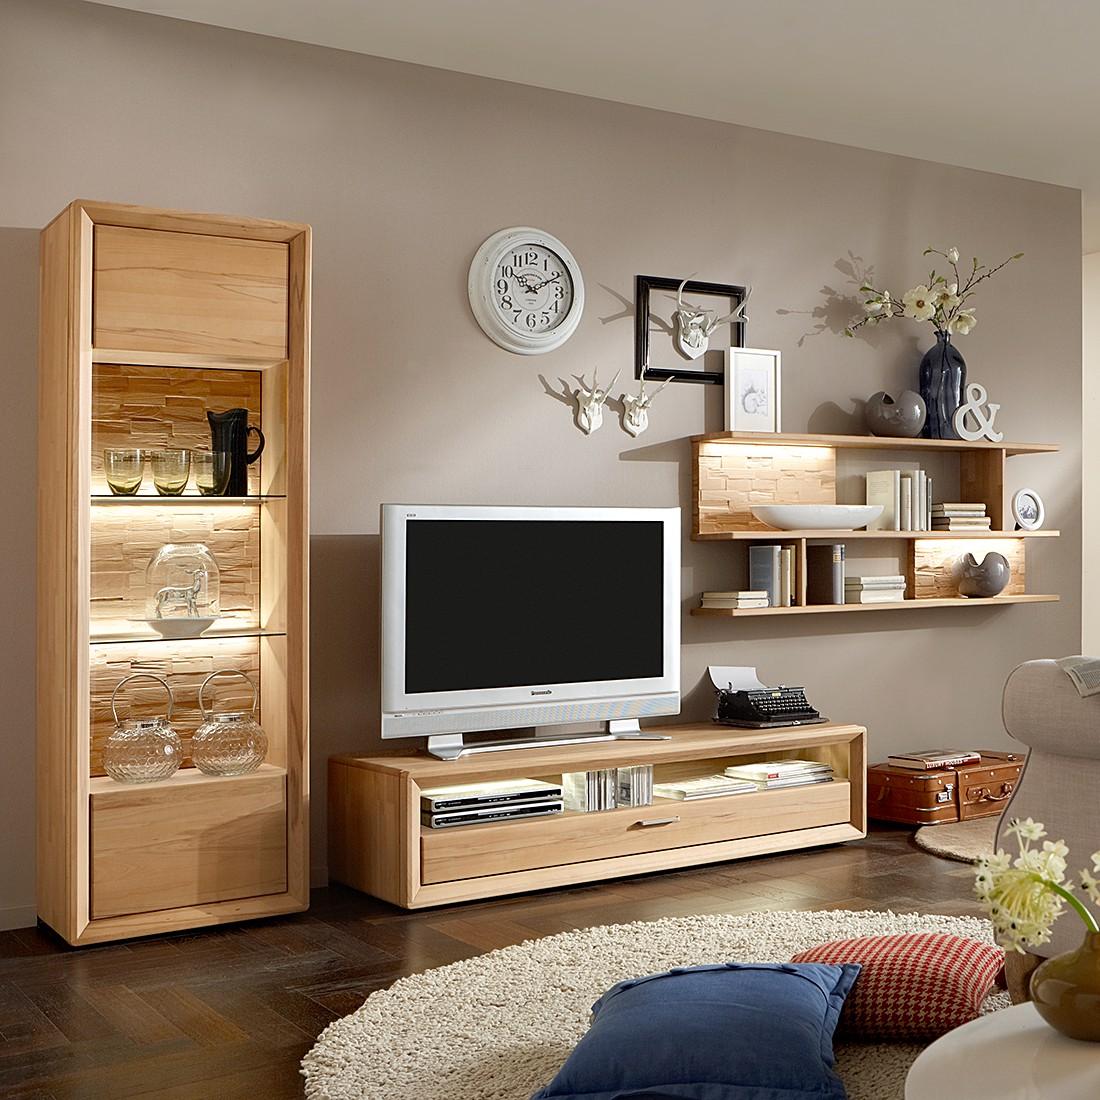 m bel online g nstig kaufen ber shop24 On wohnwand massiv günstig